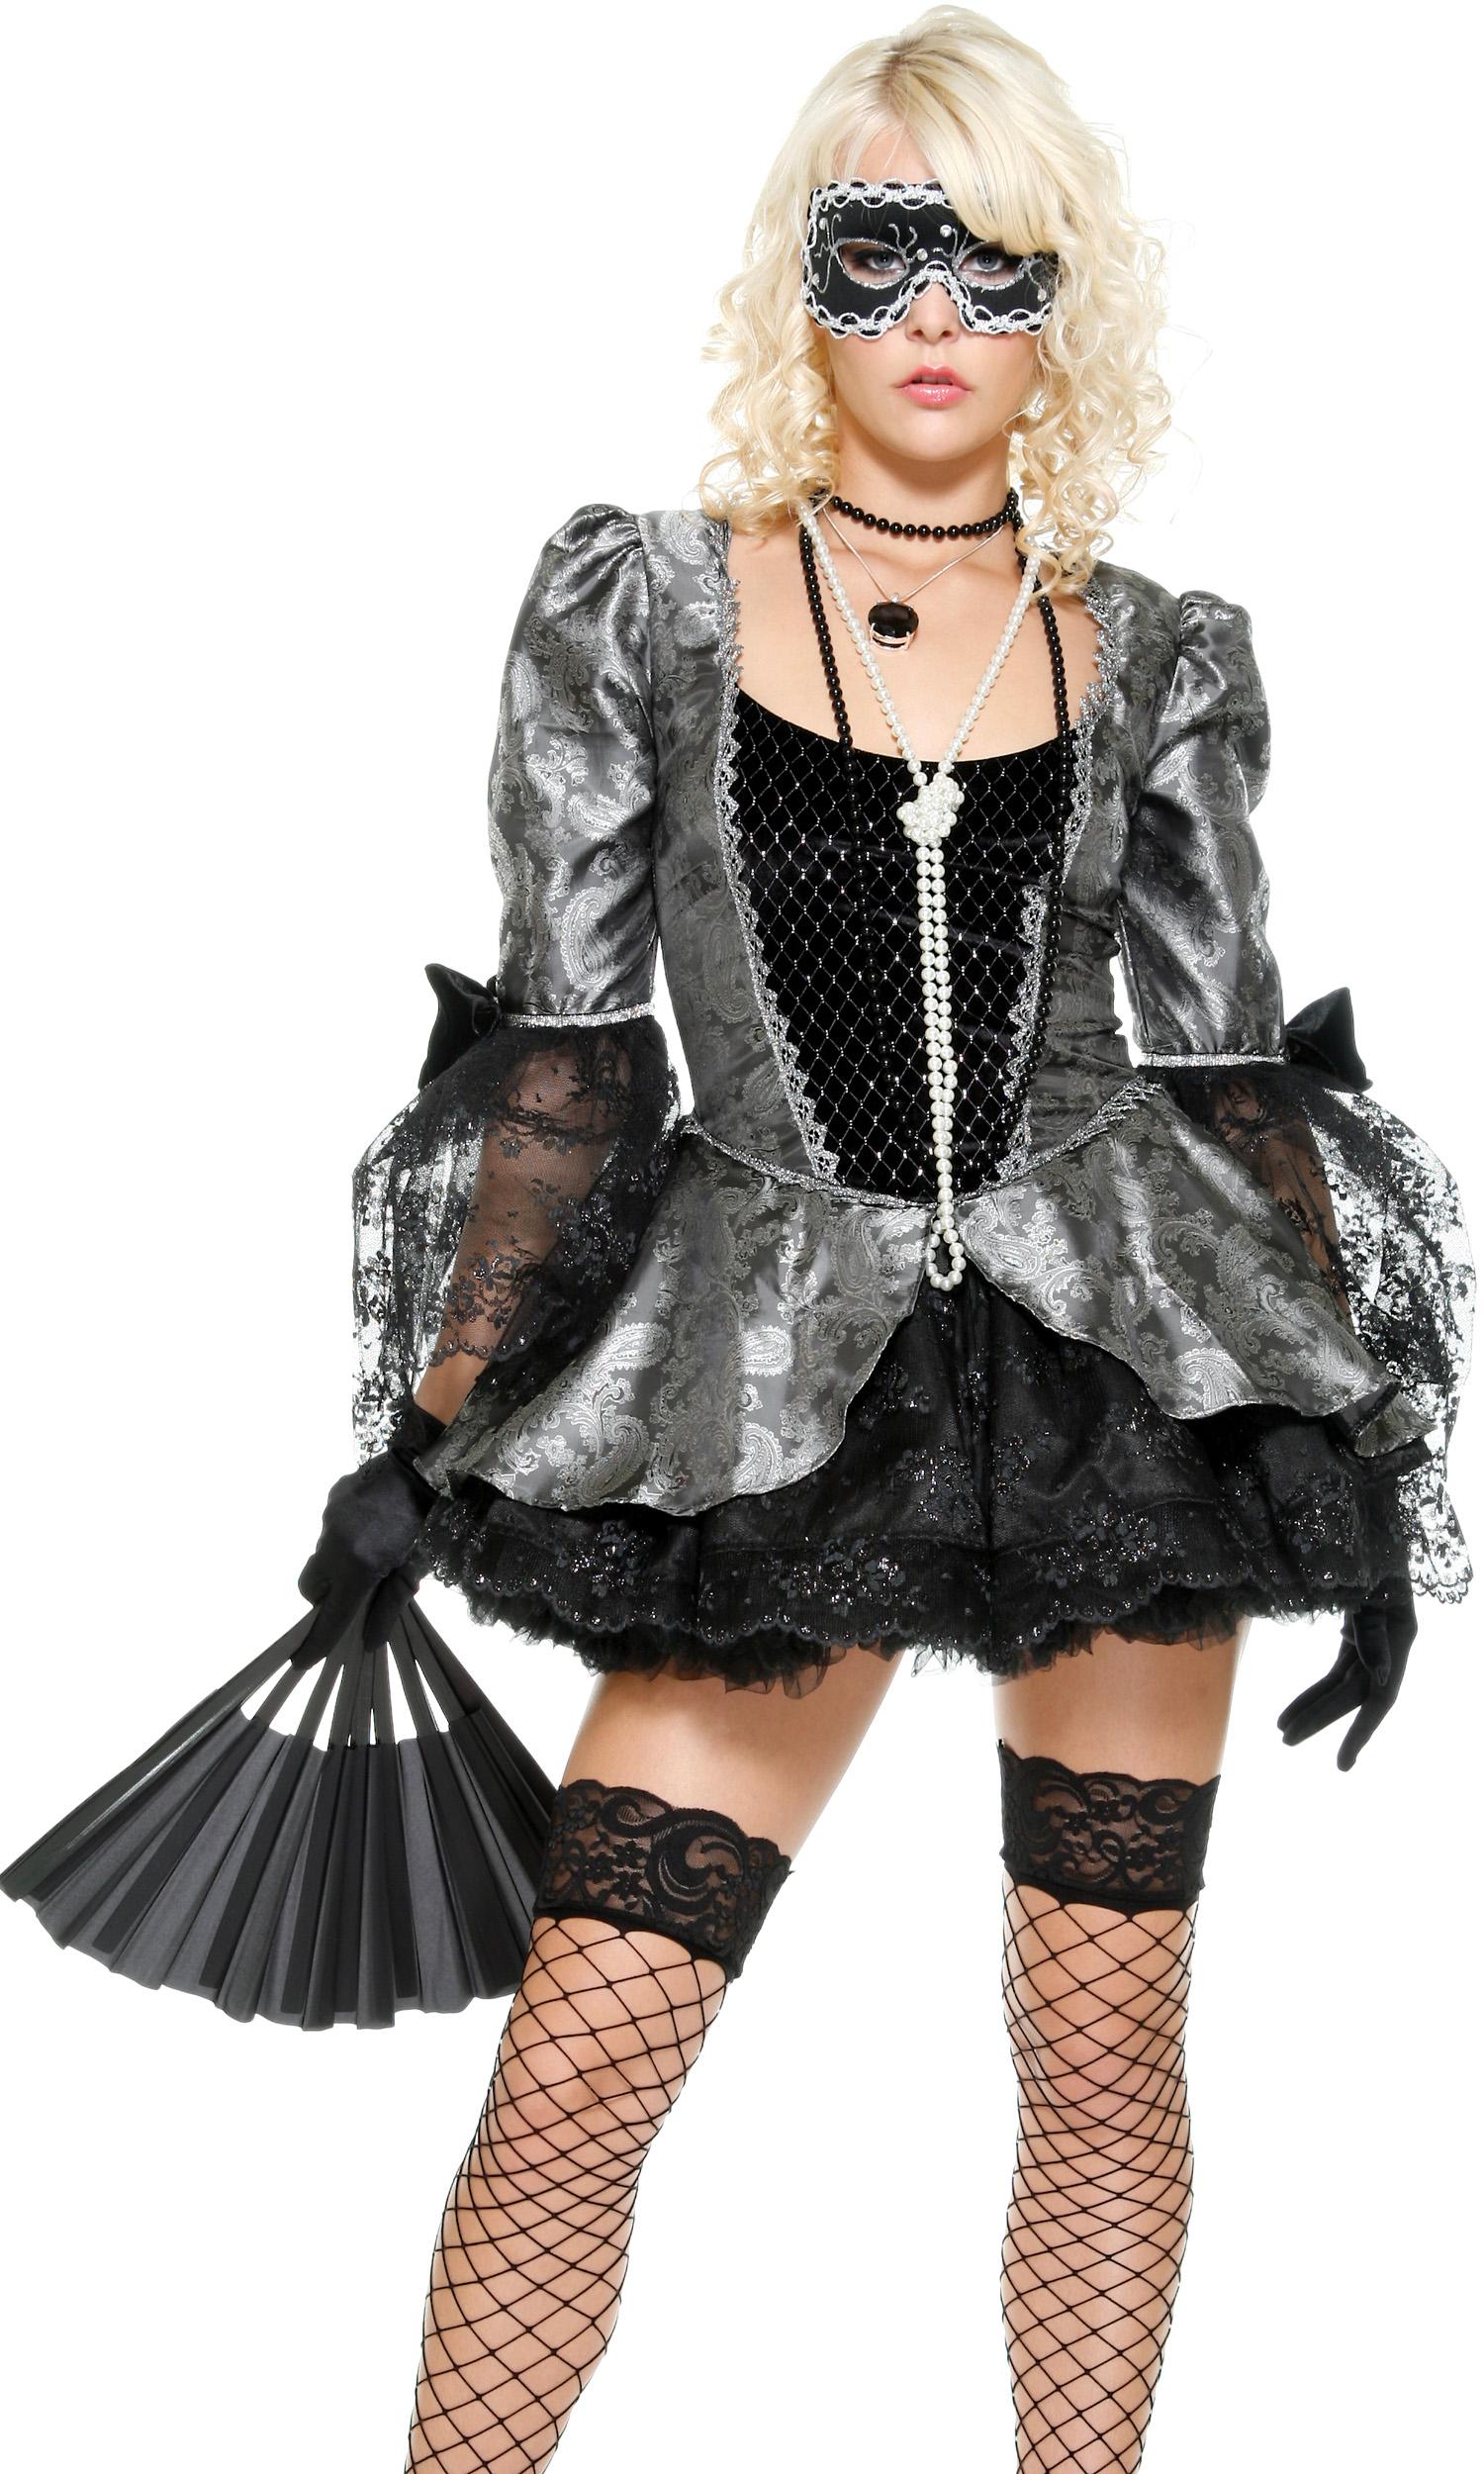 Ballroom Blitz Sexy Masquerade Costume